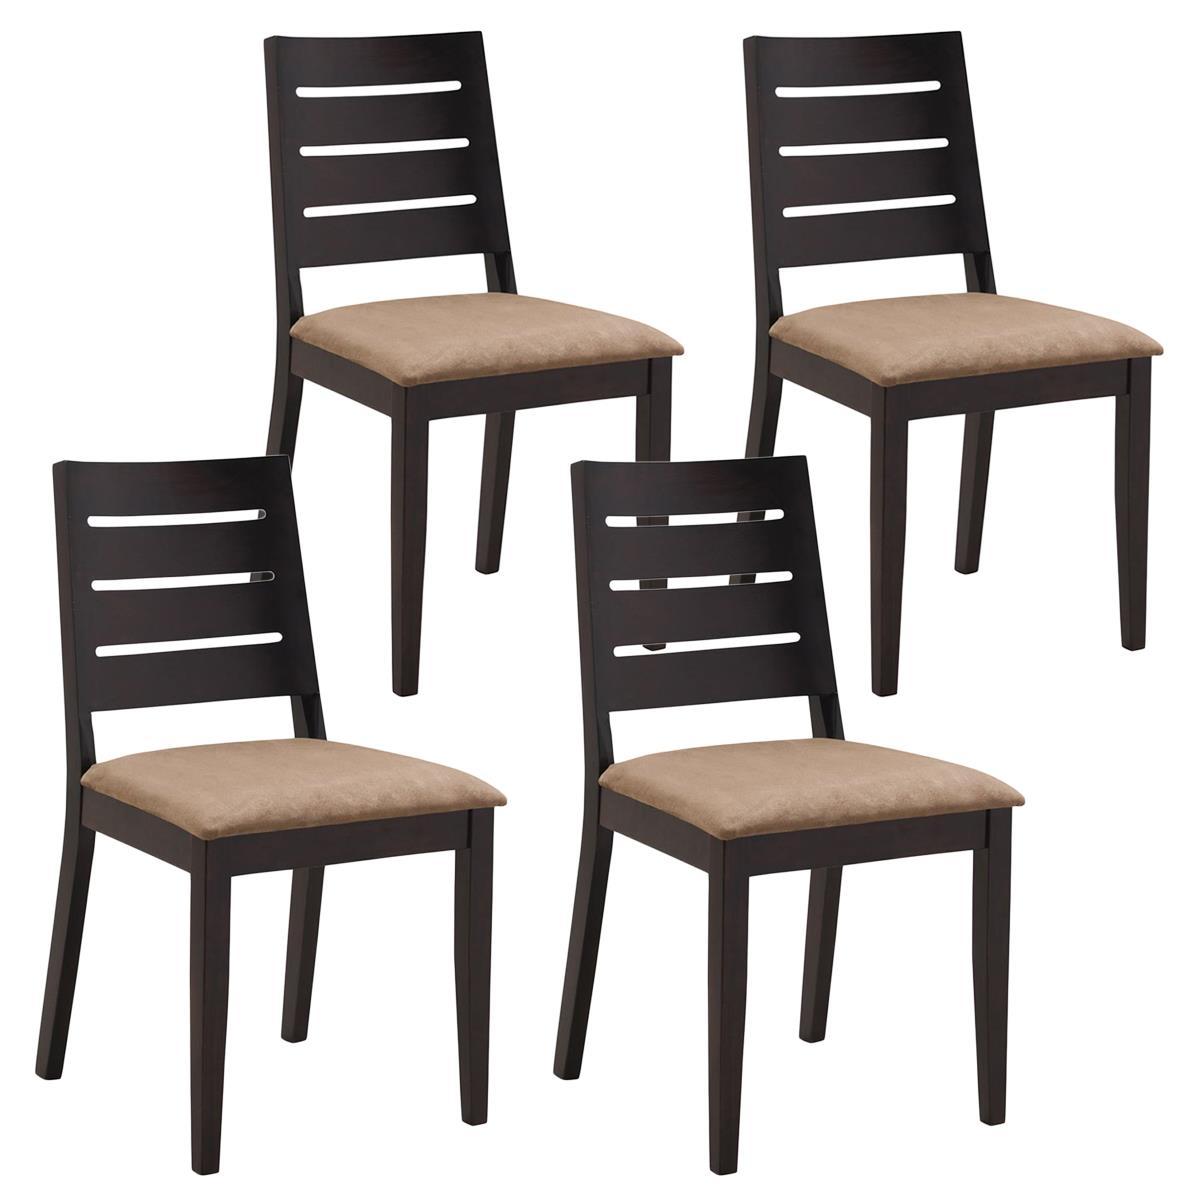 Conjunto de 4 sillas de comedor salo en madera marr n for Sillas comedor marron chocolate